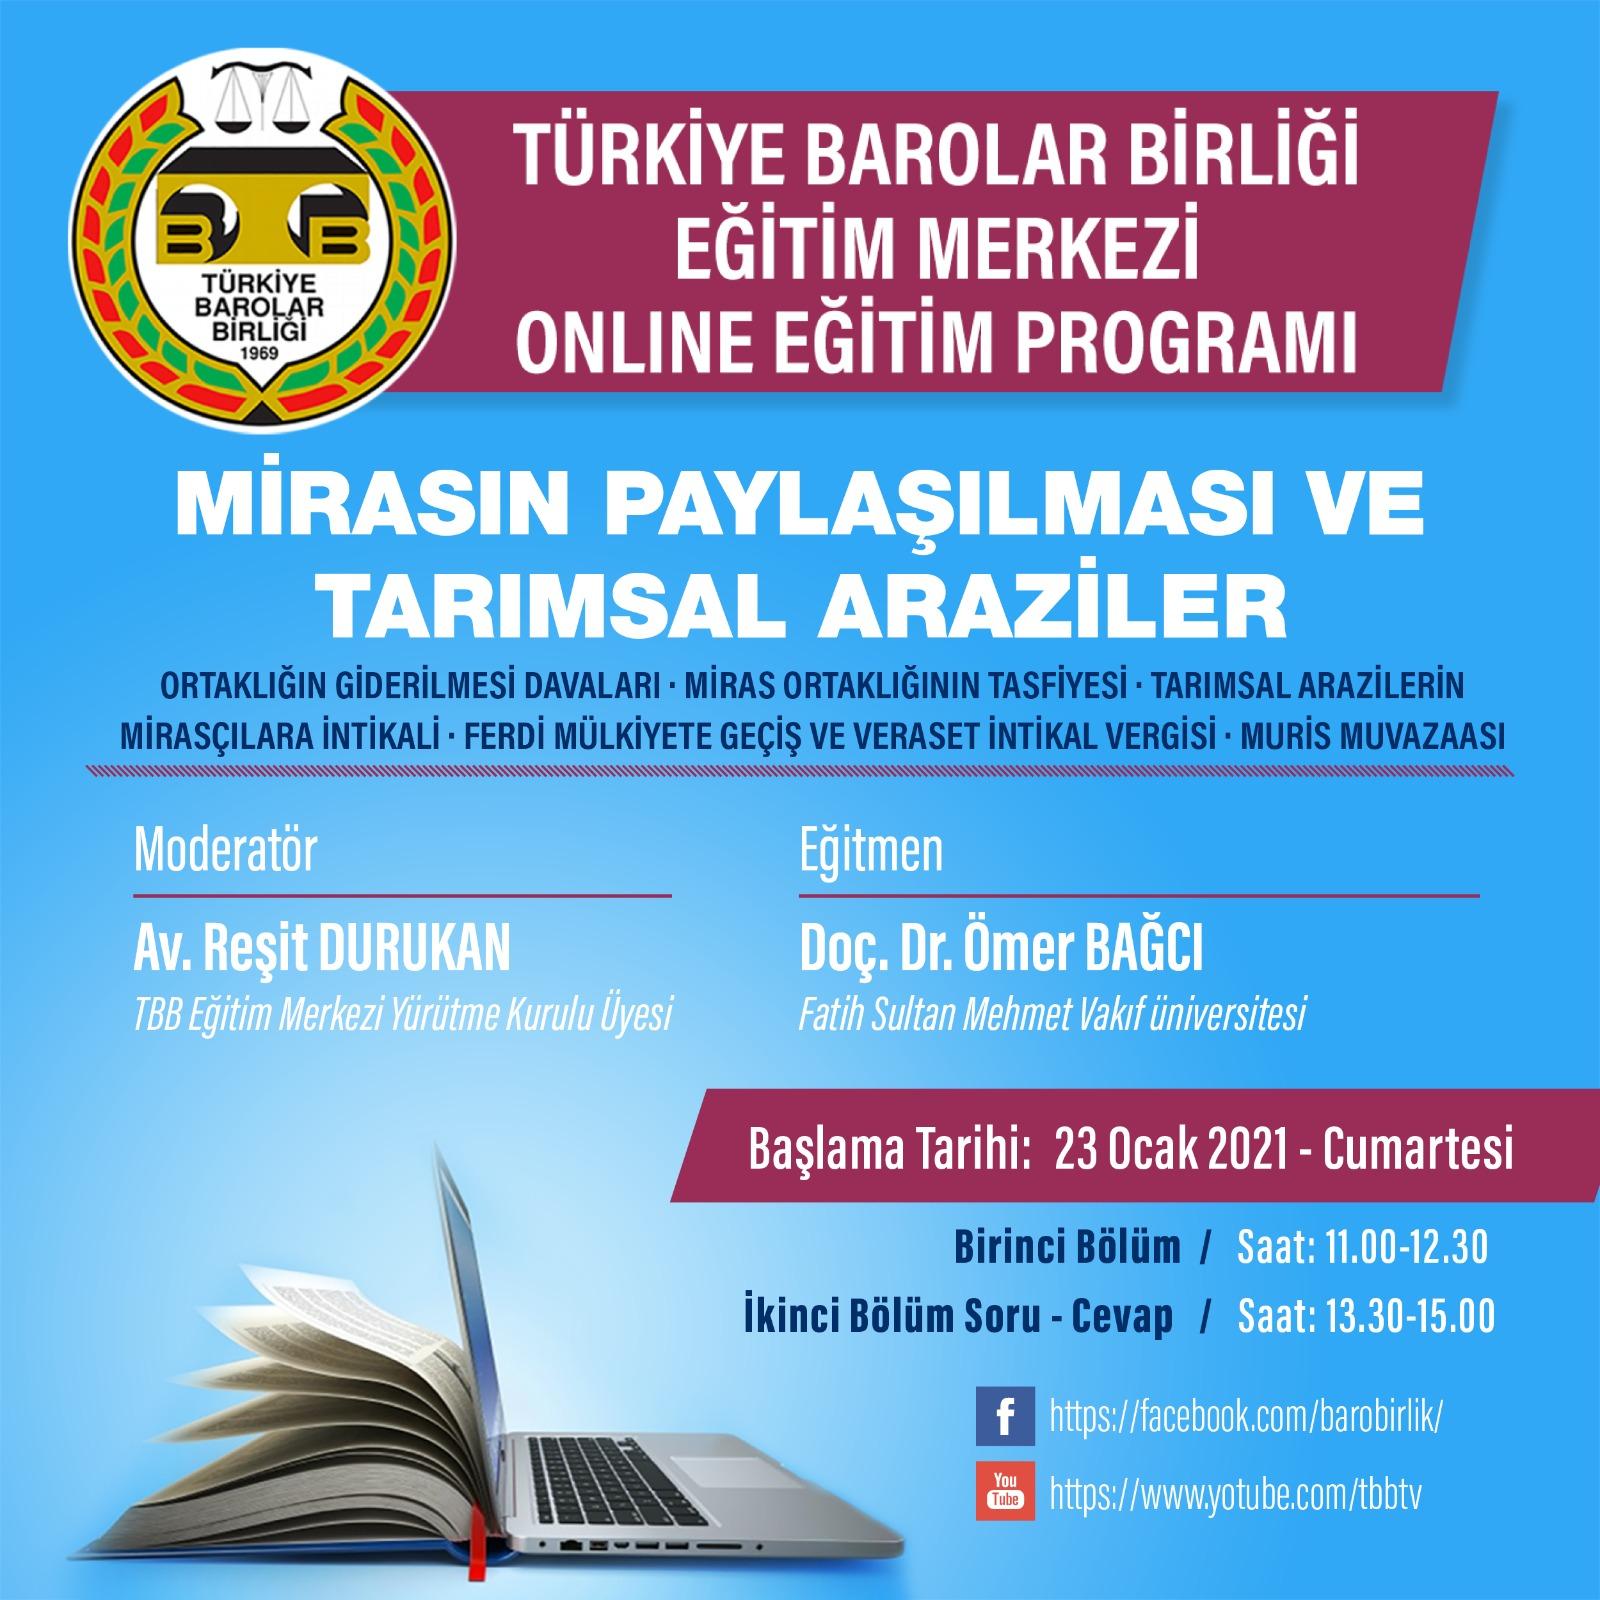 TBB Eğitim Merkezi Online Eğitim 23.01.2021